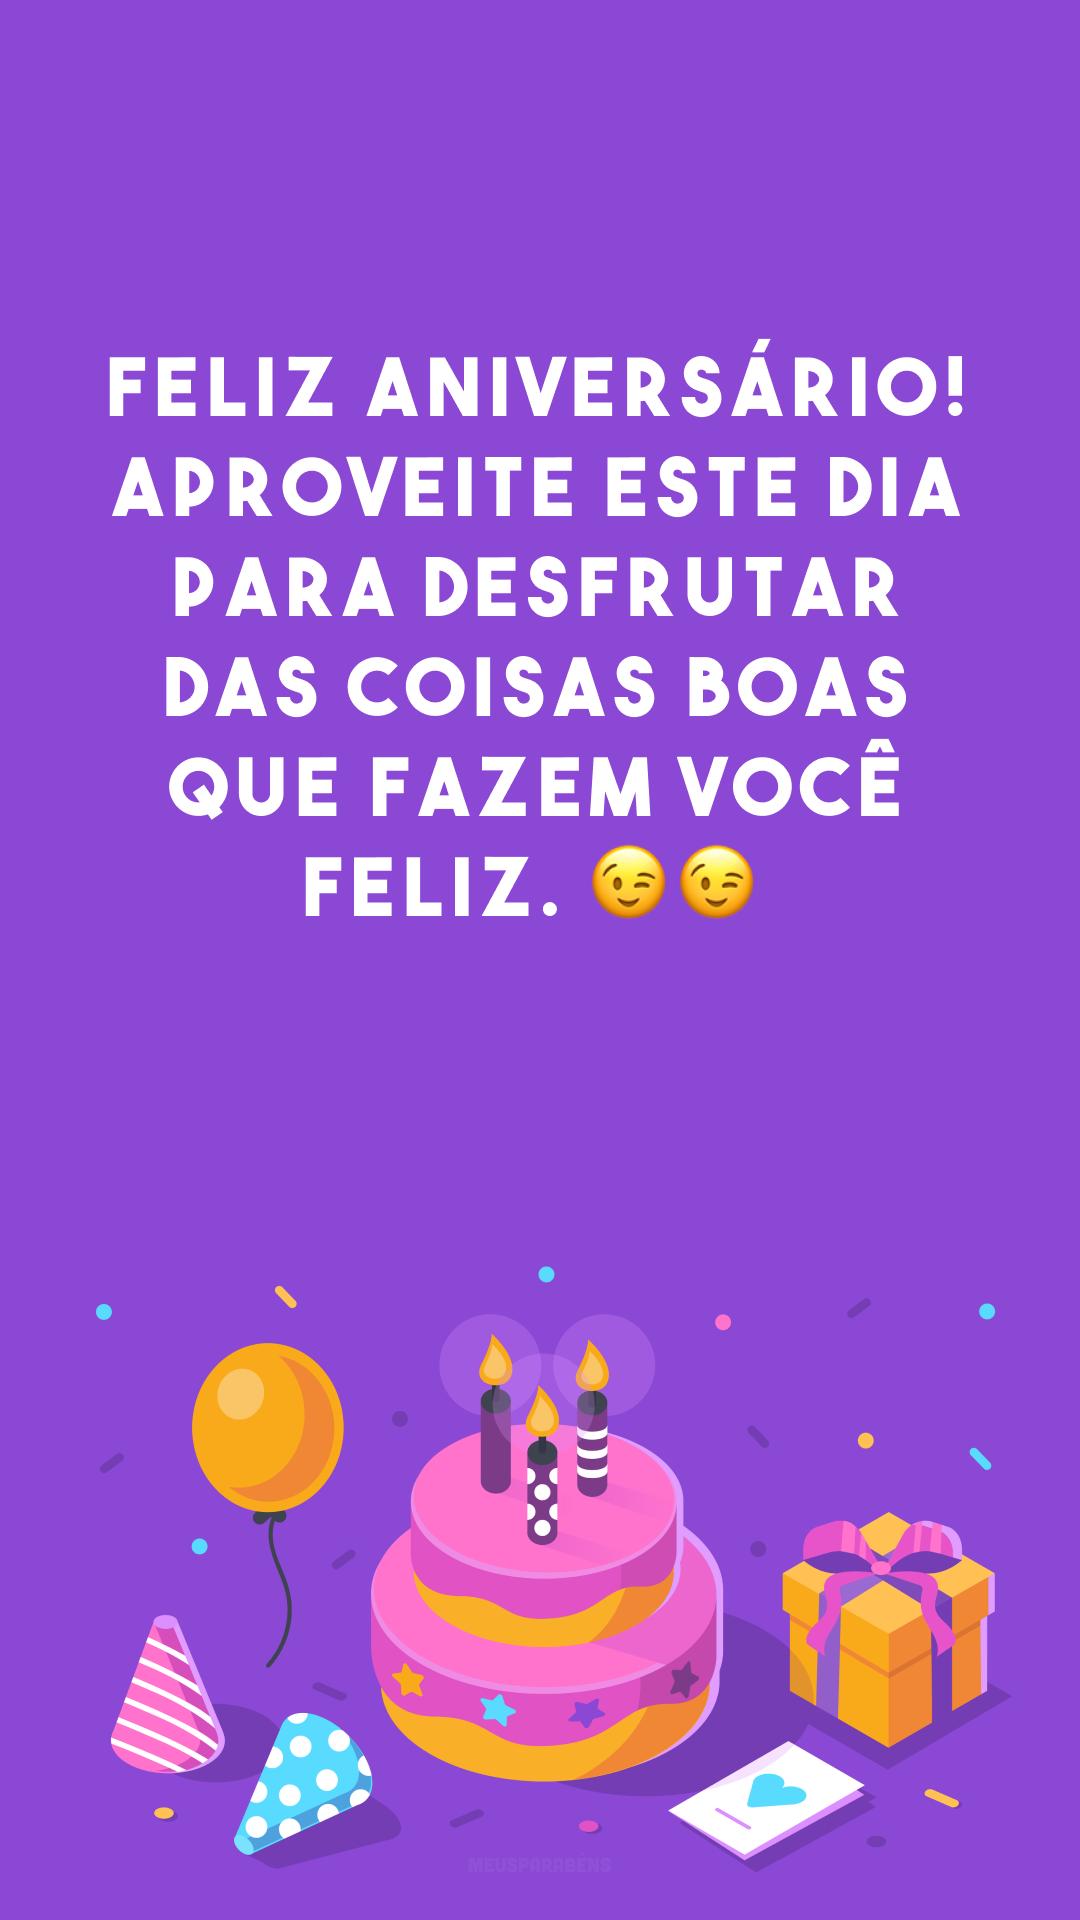 Feliz aniversário! Aproveite este dia para desfrutar das coisas boas que fazem você feliz. 😉😉<br />